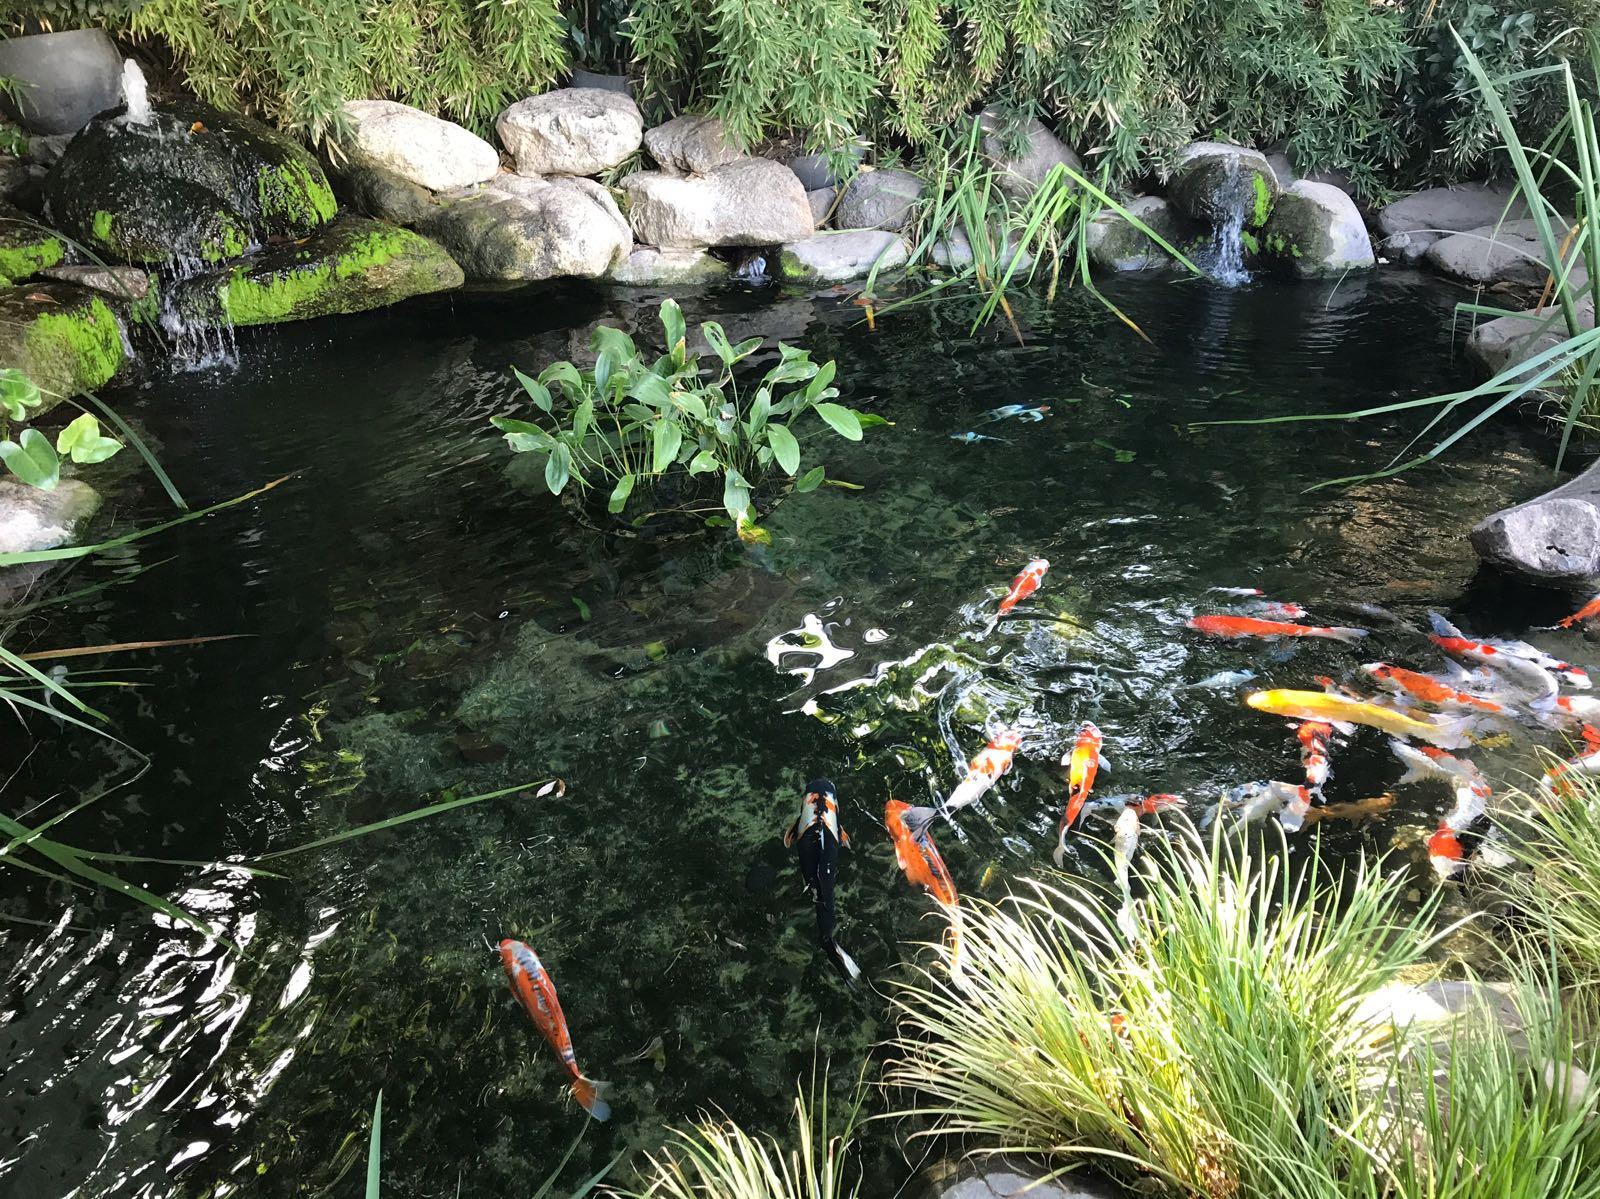 חלק מהבריכה, דגי קוי ומסלעה מאחור